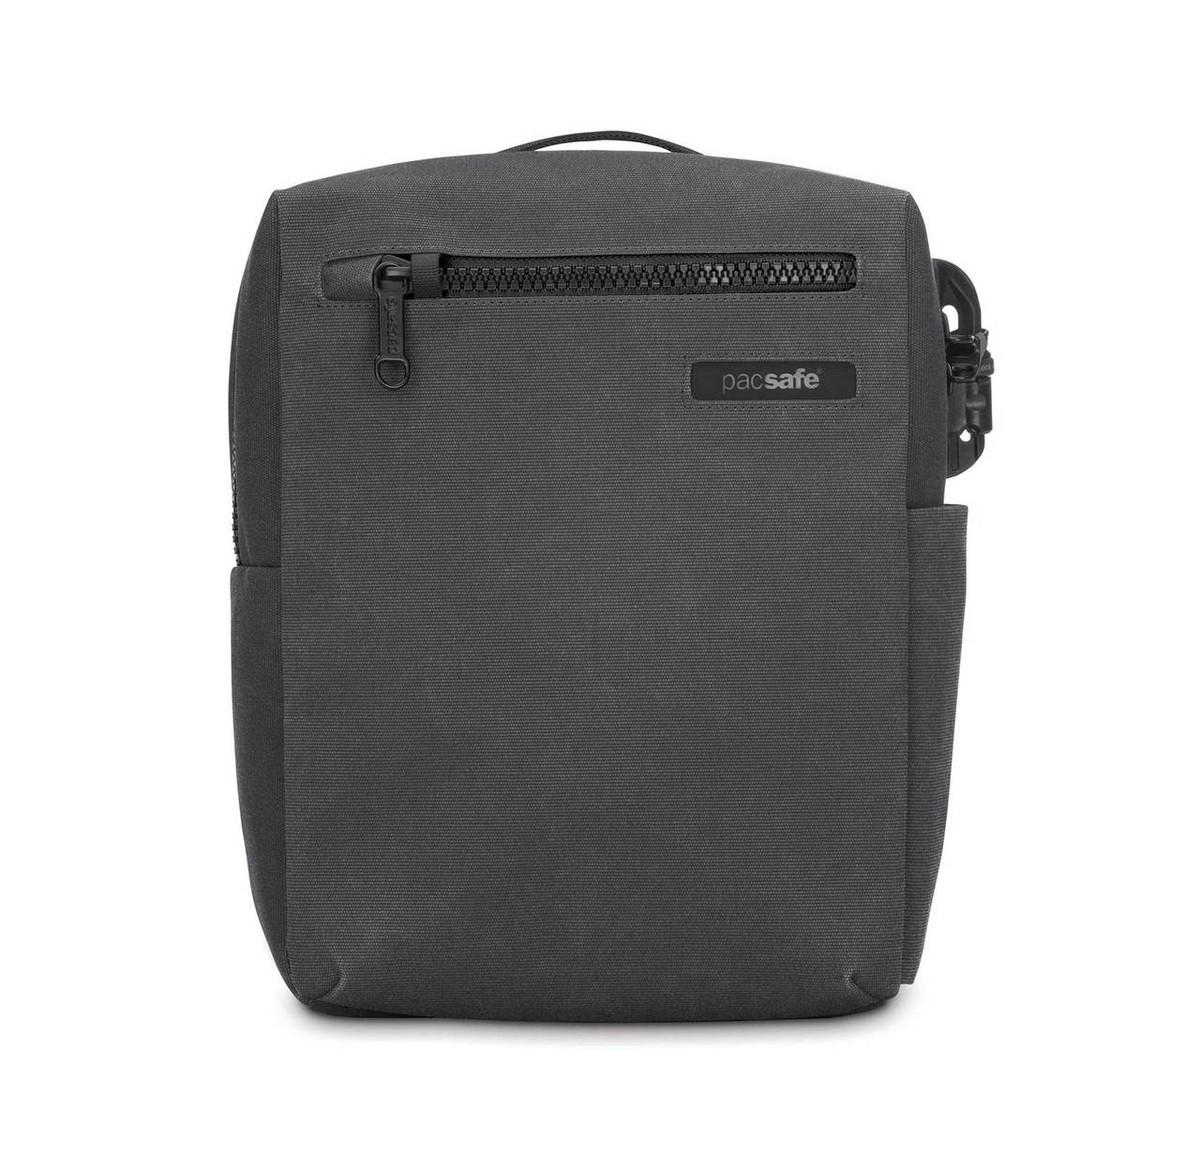 Pacsafe Intasafe Cross Body bag, Charcoal